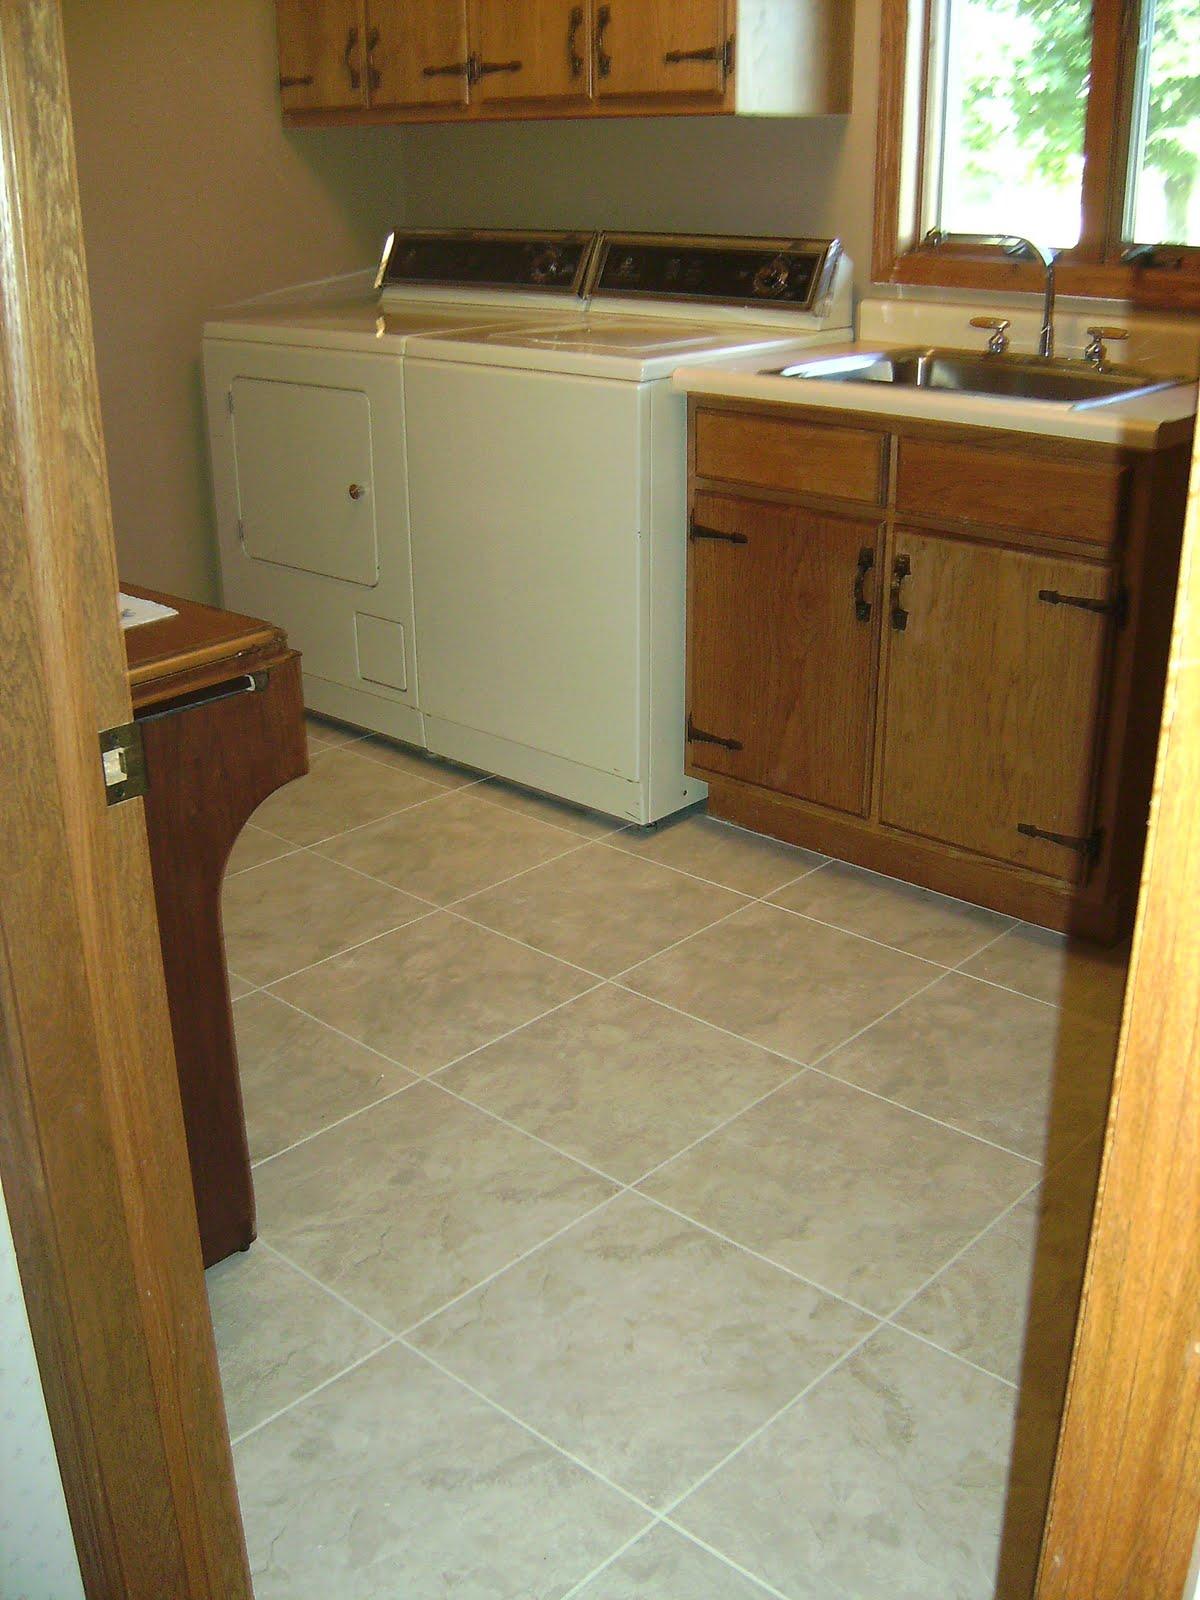 Knapp Tile And Flooring Inc Luxury Vinyl Tile Laundry